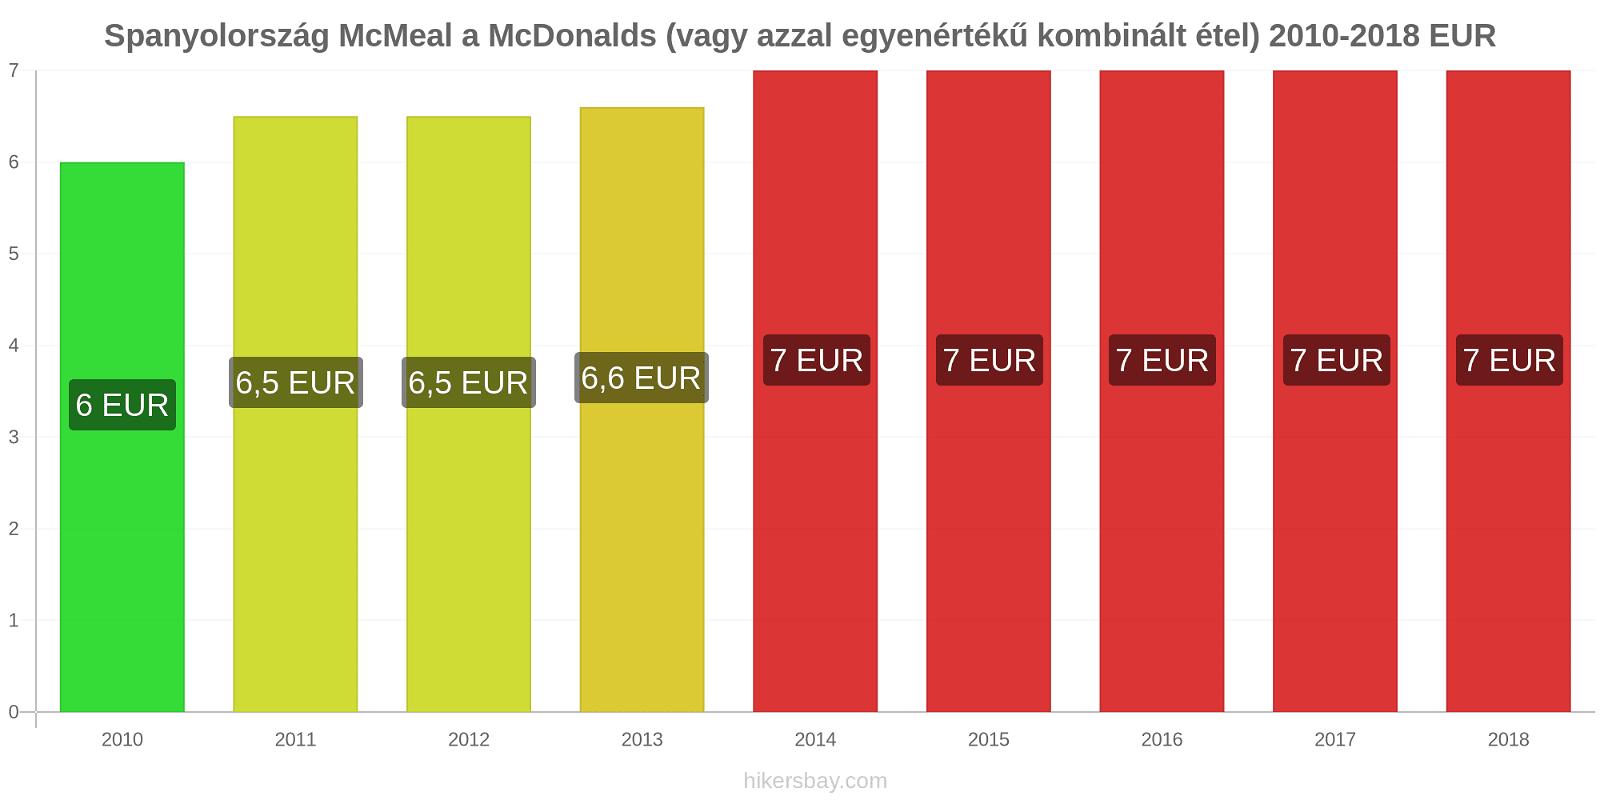 Spanyolország árváltozások McMeal a McDonalds (vagy azzal egyenértékű kombinált étel) hikersbay.com